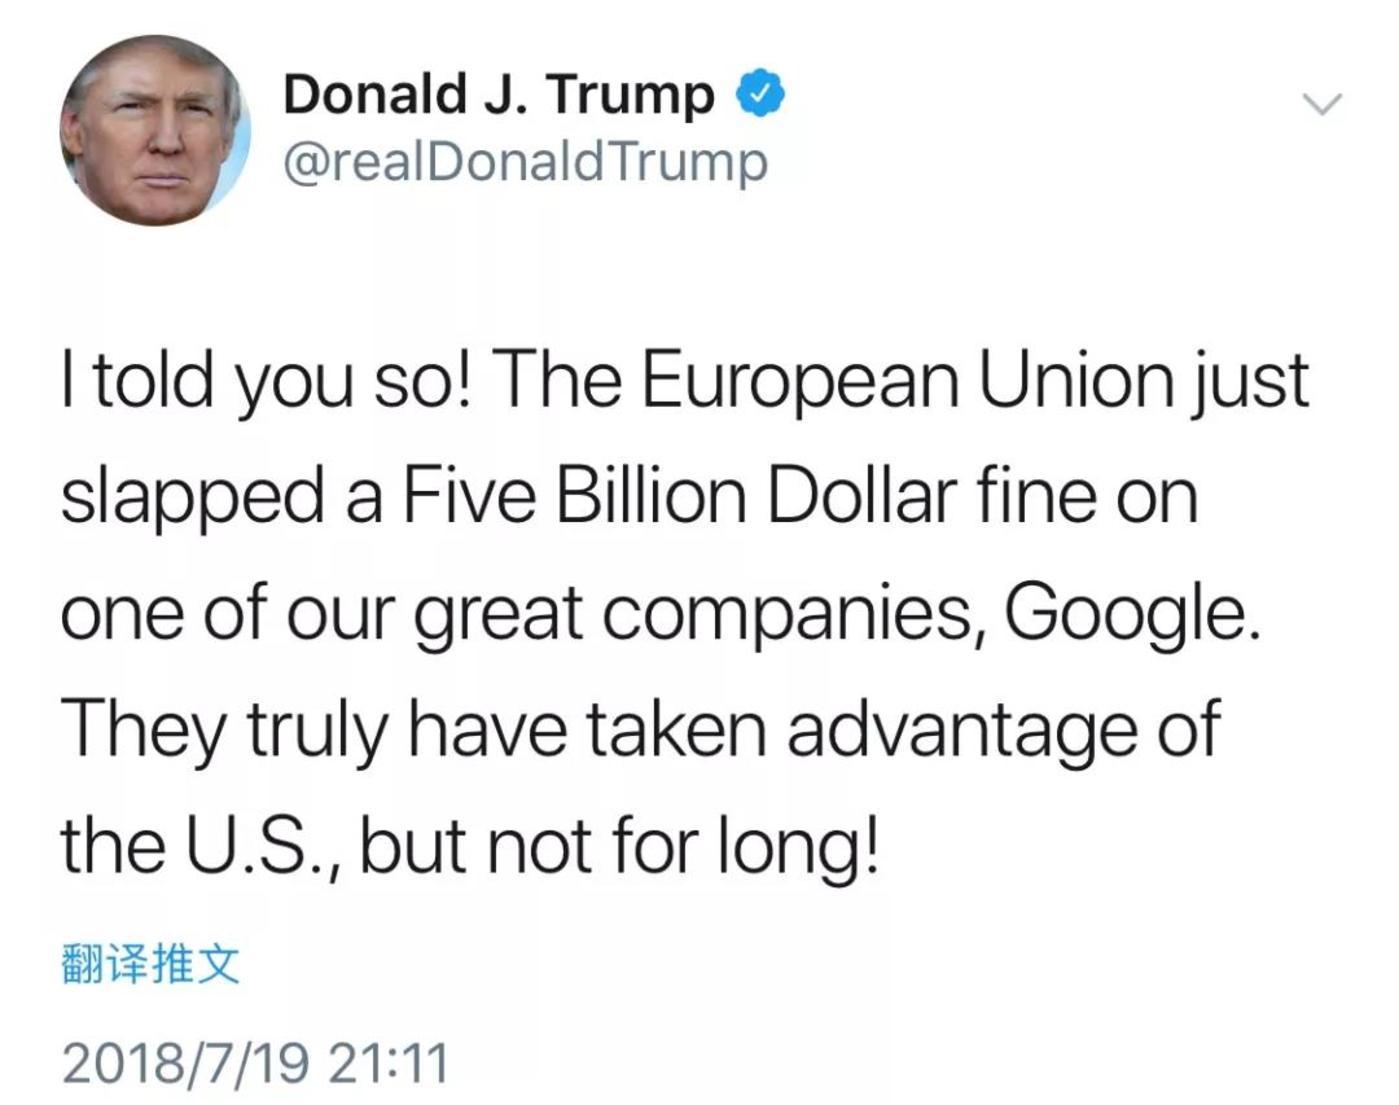 美国总统特朗普的推文